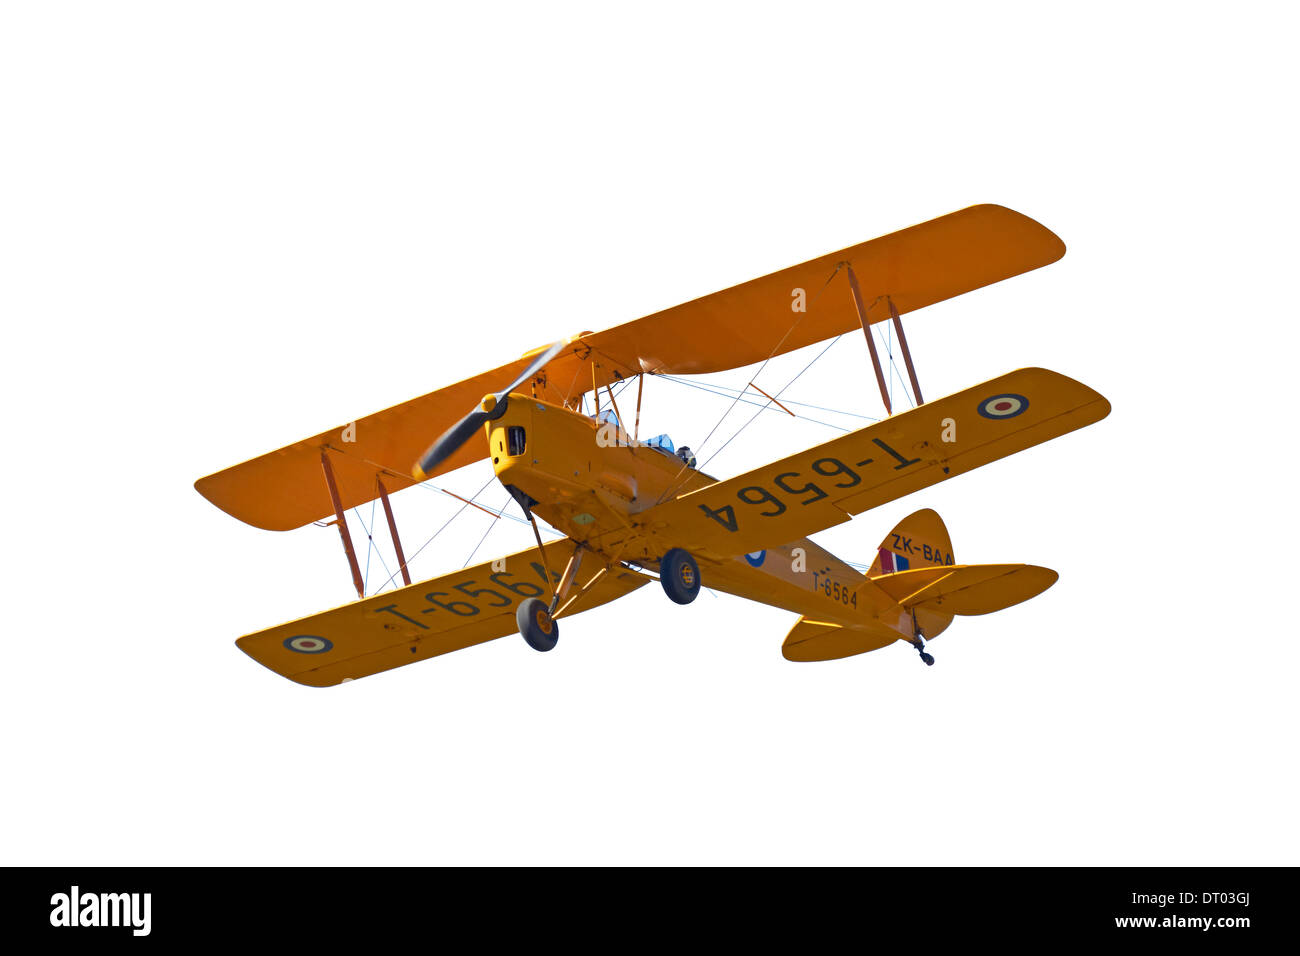 Spaccato di de Havilland DH 82A Tiger Moth biplano Immagini Stock